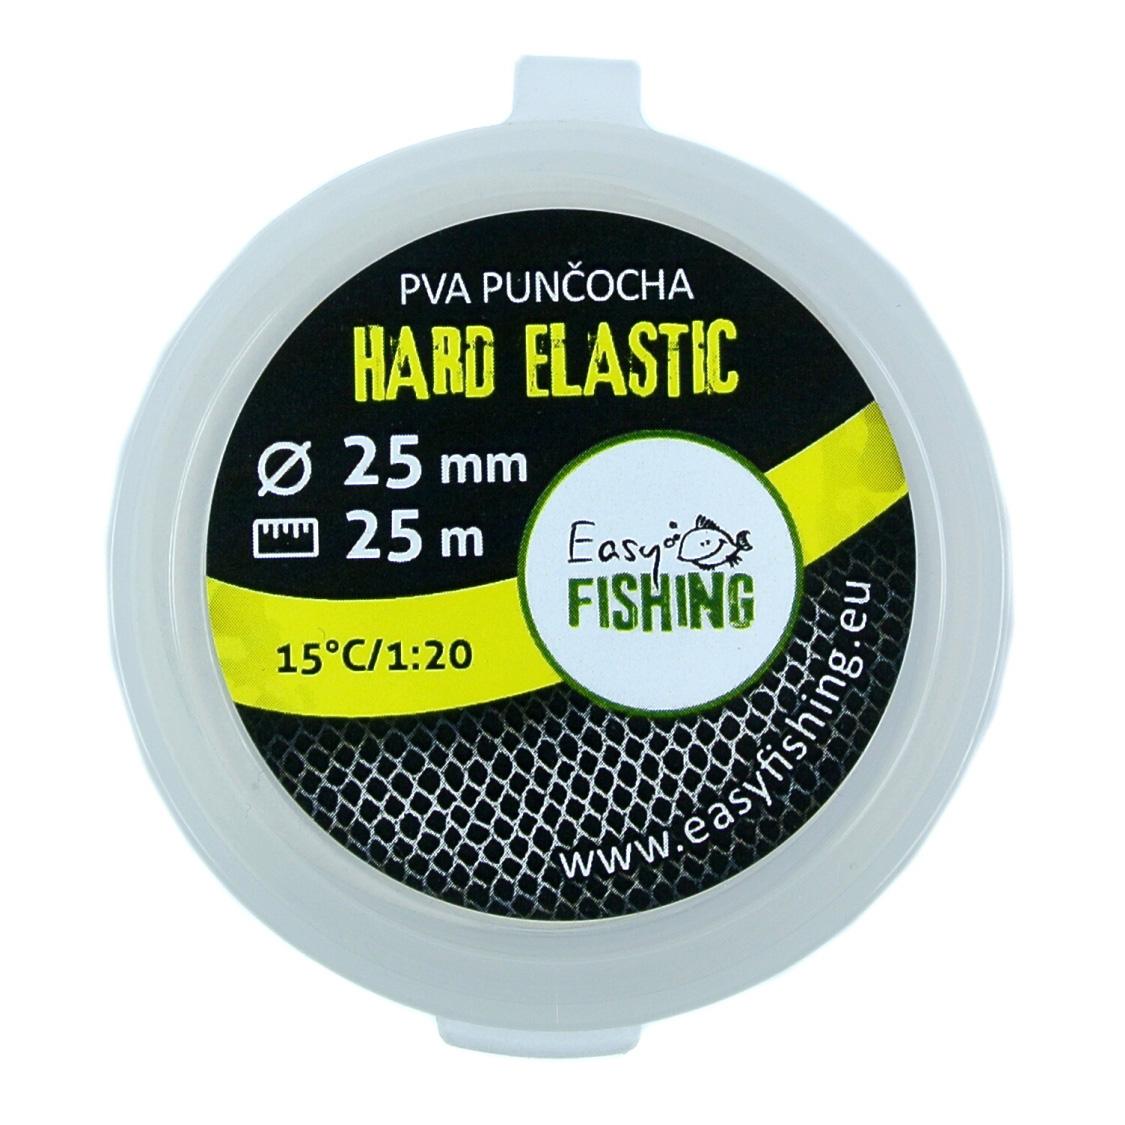 EasyFISHING 25m náhradní - PVA punčocha ELASTIC HARD 25mm